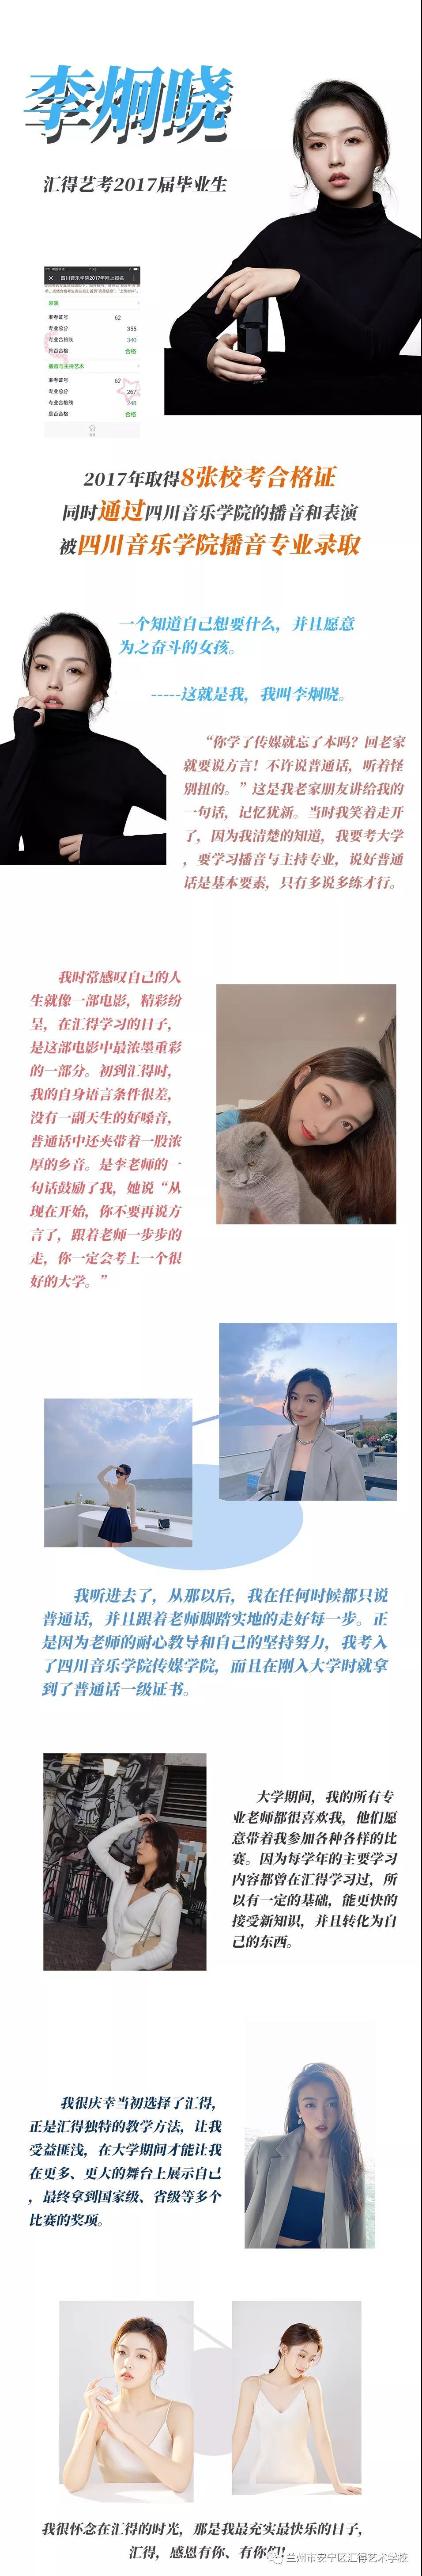 传媒专业优秀毕业生专题丨李炯晓,在.好的年华做.好的自己!